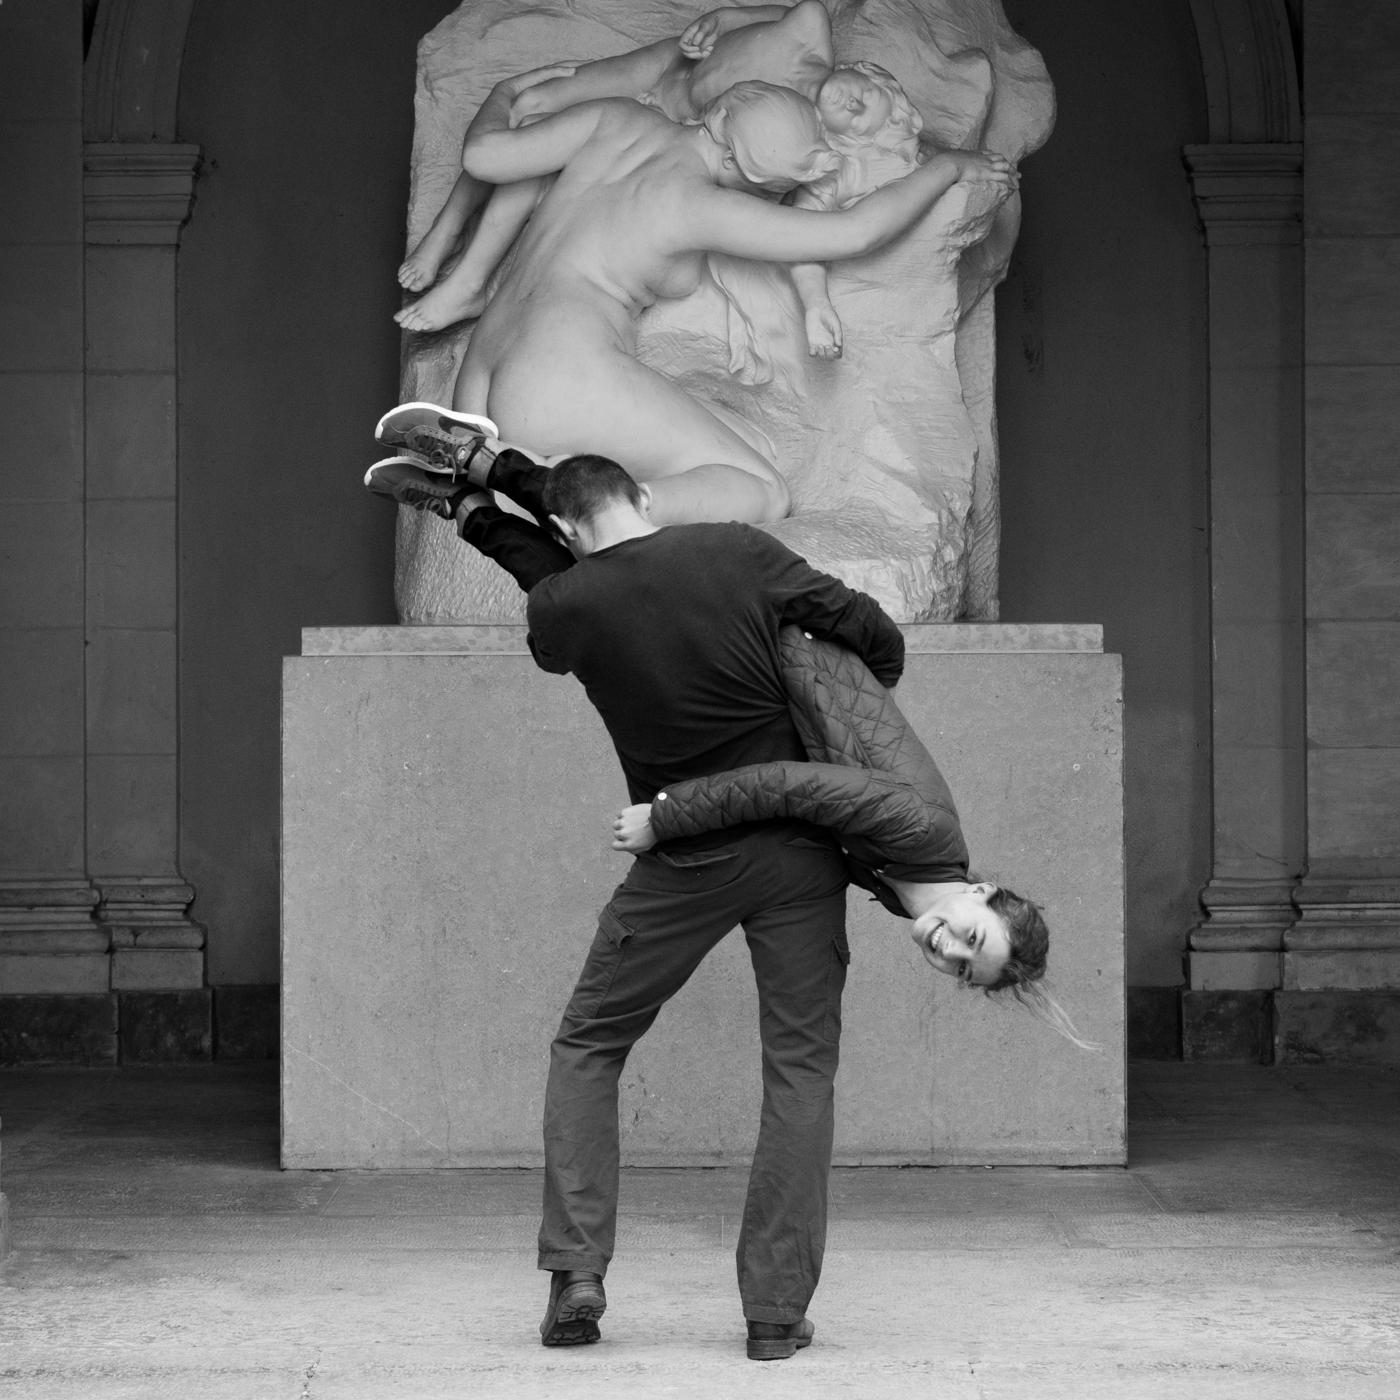 Musée_Lyon_2016_-_Autoportrait_avec_flammèche